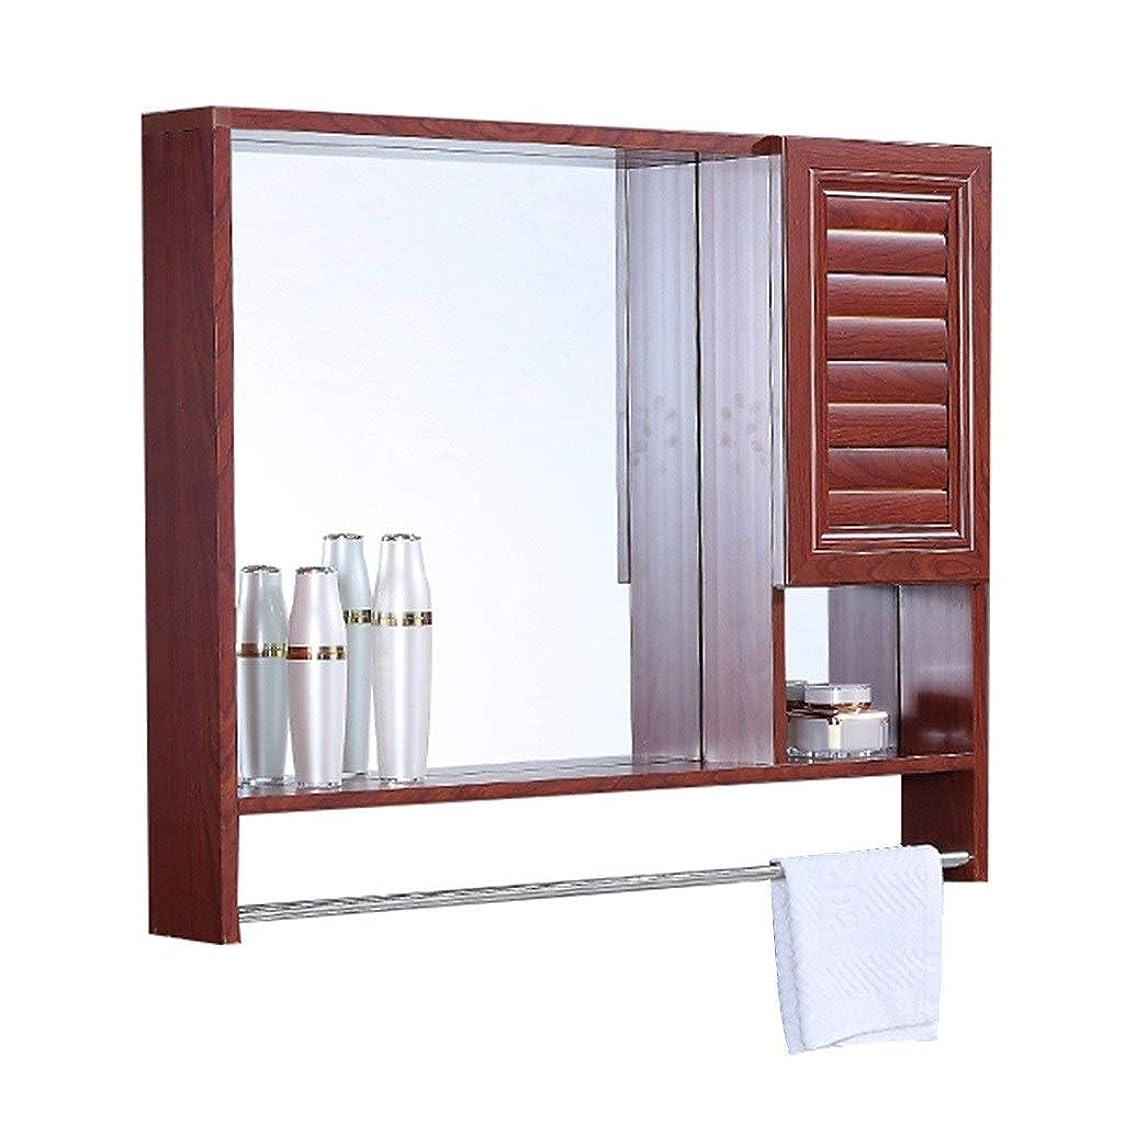 脱走中断粘土タオルレールと棚浴室キャビネットの壁に取り付けられたミラーキャビネットとドア浴室用鏡を備えたバスルームミラーキャビネット (Color : Wood, Size : 79*13*65cm)